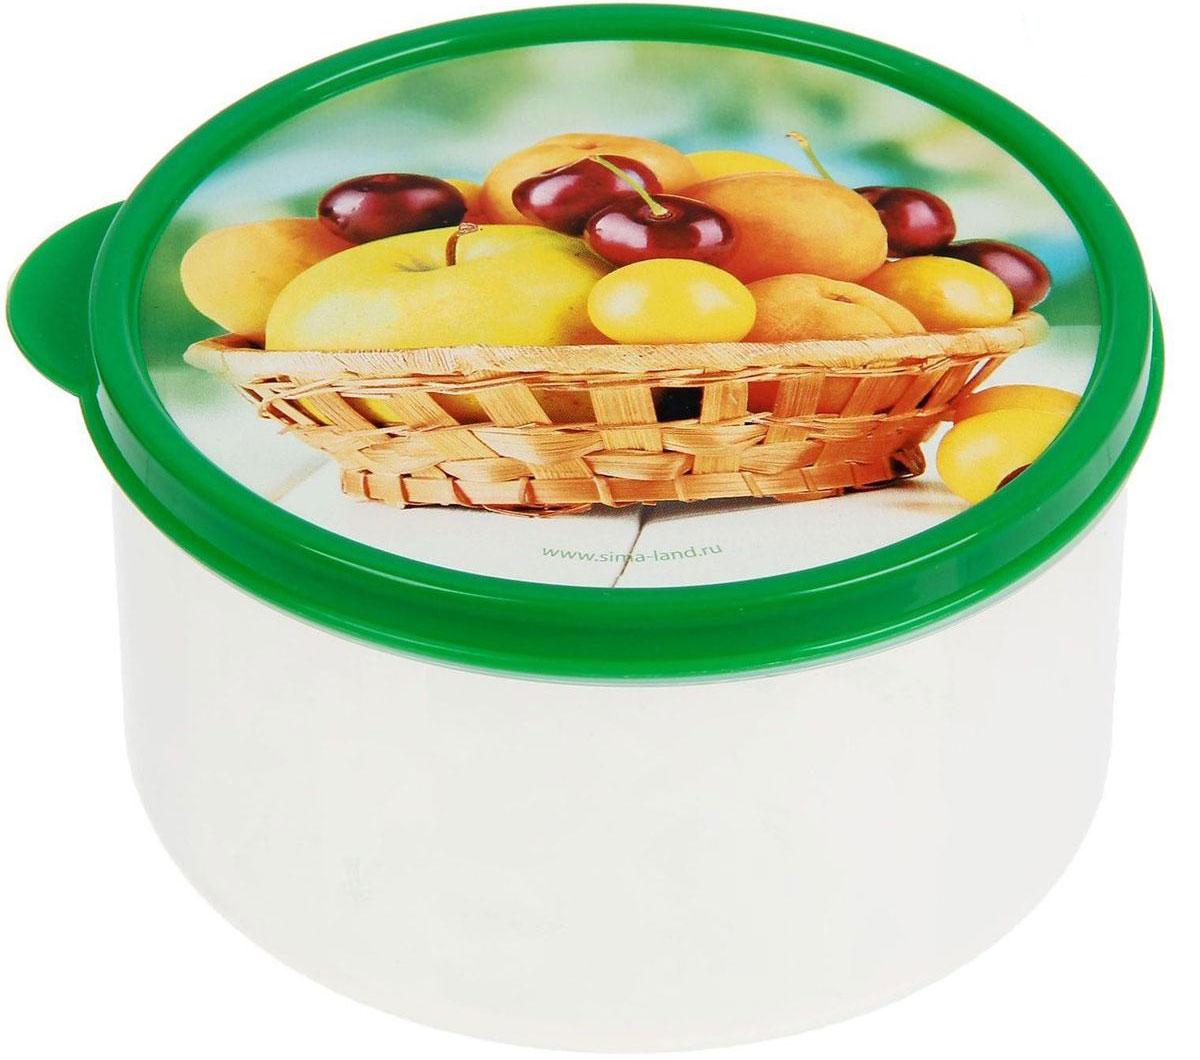 Ланч-бокс Доляна №12, круглый, 500 мл1333901Если после вкусного обеда осталась еда, а насладиться трапезой хочется и на следующий день, ланч-бокс станет отличным решением данной проблемы!Такой контейнер является незаменимым предметом кухонной утвари, ведь у него много преимуществ:Простота ухода. Ланч-бокс достаточно промыть тёплой водой с небольшим количеством чистящего средства, и он снова готов к использованию.Вместительность. Большой выбор форм и объёма поможет разместить разнообразные продукты от сахара до супов.Эргономичность. Ланч-боксы очень легко хранить даже в самой маленькой кухне, так как их можно поставить один в другой по принципу матрёшки.Многофункциональность. Разнообразие цветов и форм делает возможным использование контейнеров не только на кухне, но и в других областях домашнего быта.Любители приготовления обеда на всю семью в большинстве случаев приобретают ланч-боксы наборами, так как это позволяет рассортировать продукты по всевозможным признакам. К тому же контейнеры среднего размера станут незаменимыми помощниками на работе: ведь что может быть приятнее, чем порадовать себя во время обеда прекрасной едой, заботливо сохранённой в контейнере?В качестве материала для изготовления используется пластик, что делает процесс ухода за контейнером ещё более эффективным. К каждому ланч-боксу в комплекте также прилагается крышка подходящего размера, это позволяет плотно и надёжно удерживать запах еды и упрощает процесс транспортировки.Однако рекомендуется соблюдать и меры предосторожности: не использовать пластиковые контейнеры в духовых шкафах и на открытом огне, а также не разогревать в микроволновых печах при закрытой крышке ланч-бокса. Соблюдение мер безопасности позволит продлить срок эксплуатации и сохранить отличный внешний вид изделия.Эргономичный дизайн и многофункциональность таких контейнеров — вот, что является причиной большой популярности данного предмета у каждой хозяйки. А в преддверии лета и дачного сезона такое приобретение позволит подня